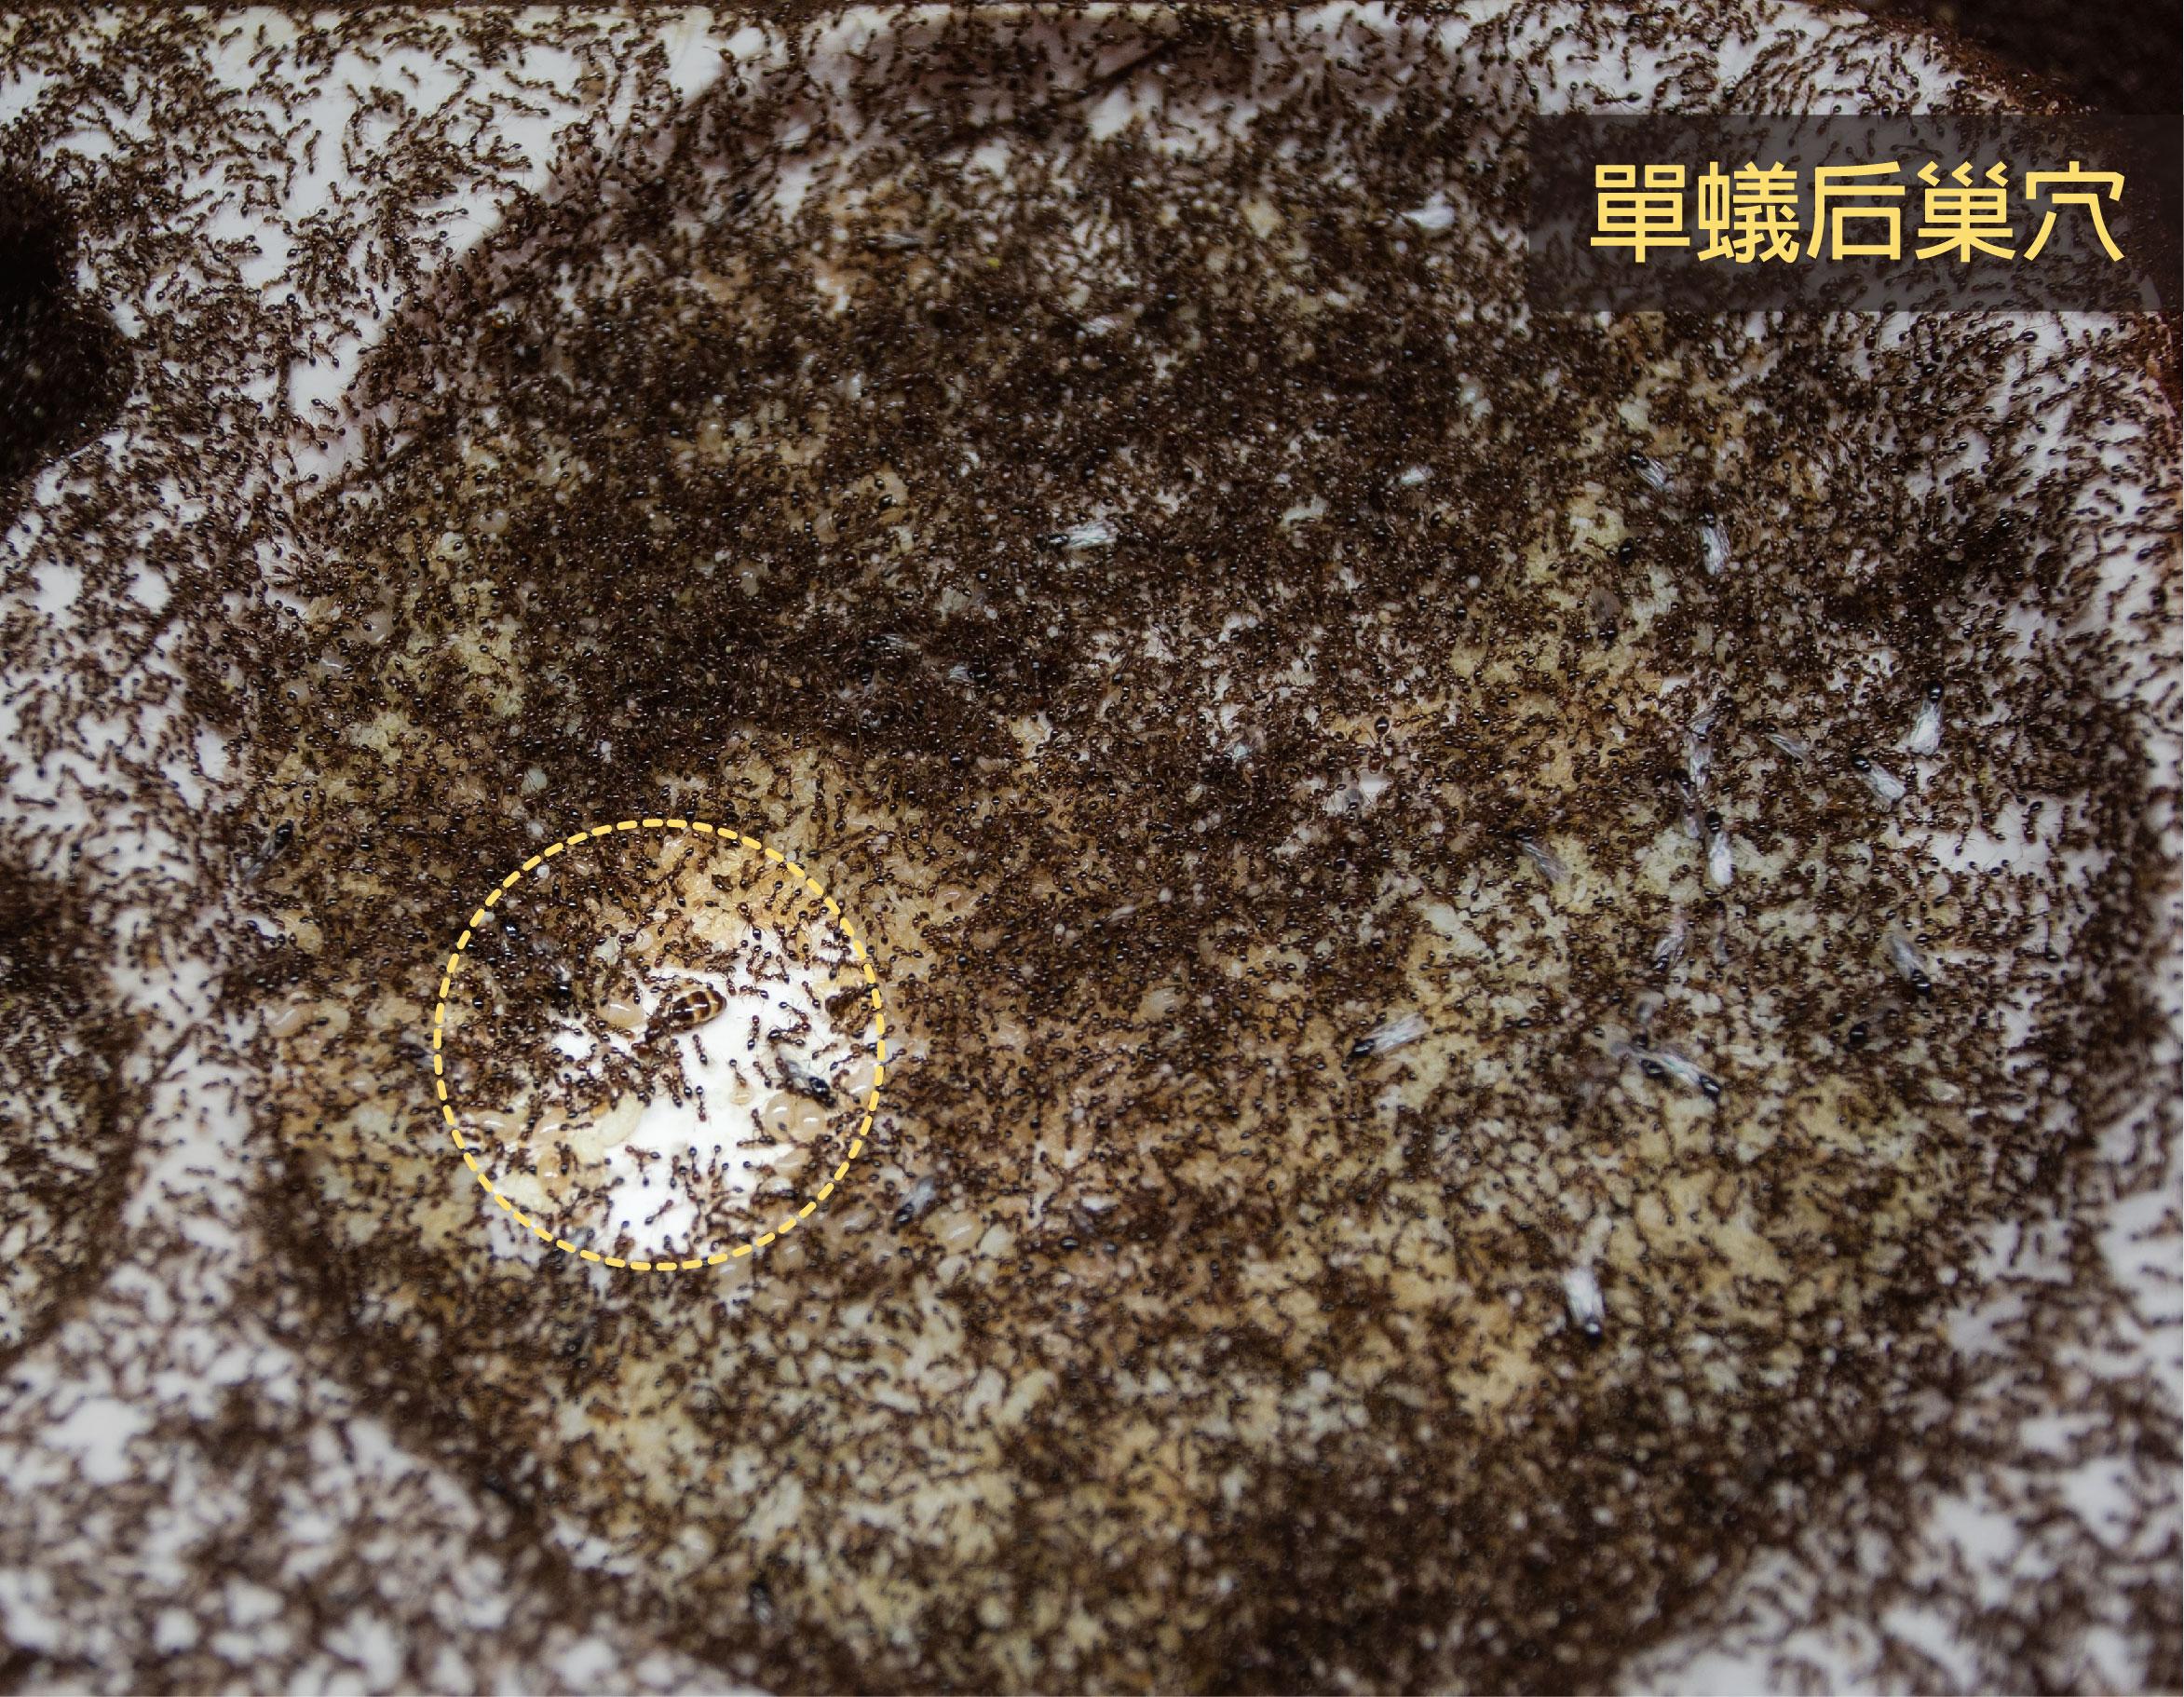 單蟻后巢的蟻后 (黃色圈圈內),工蟻會讓出空間,使周圍淨空一圈。攝影│林洵安